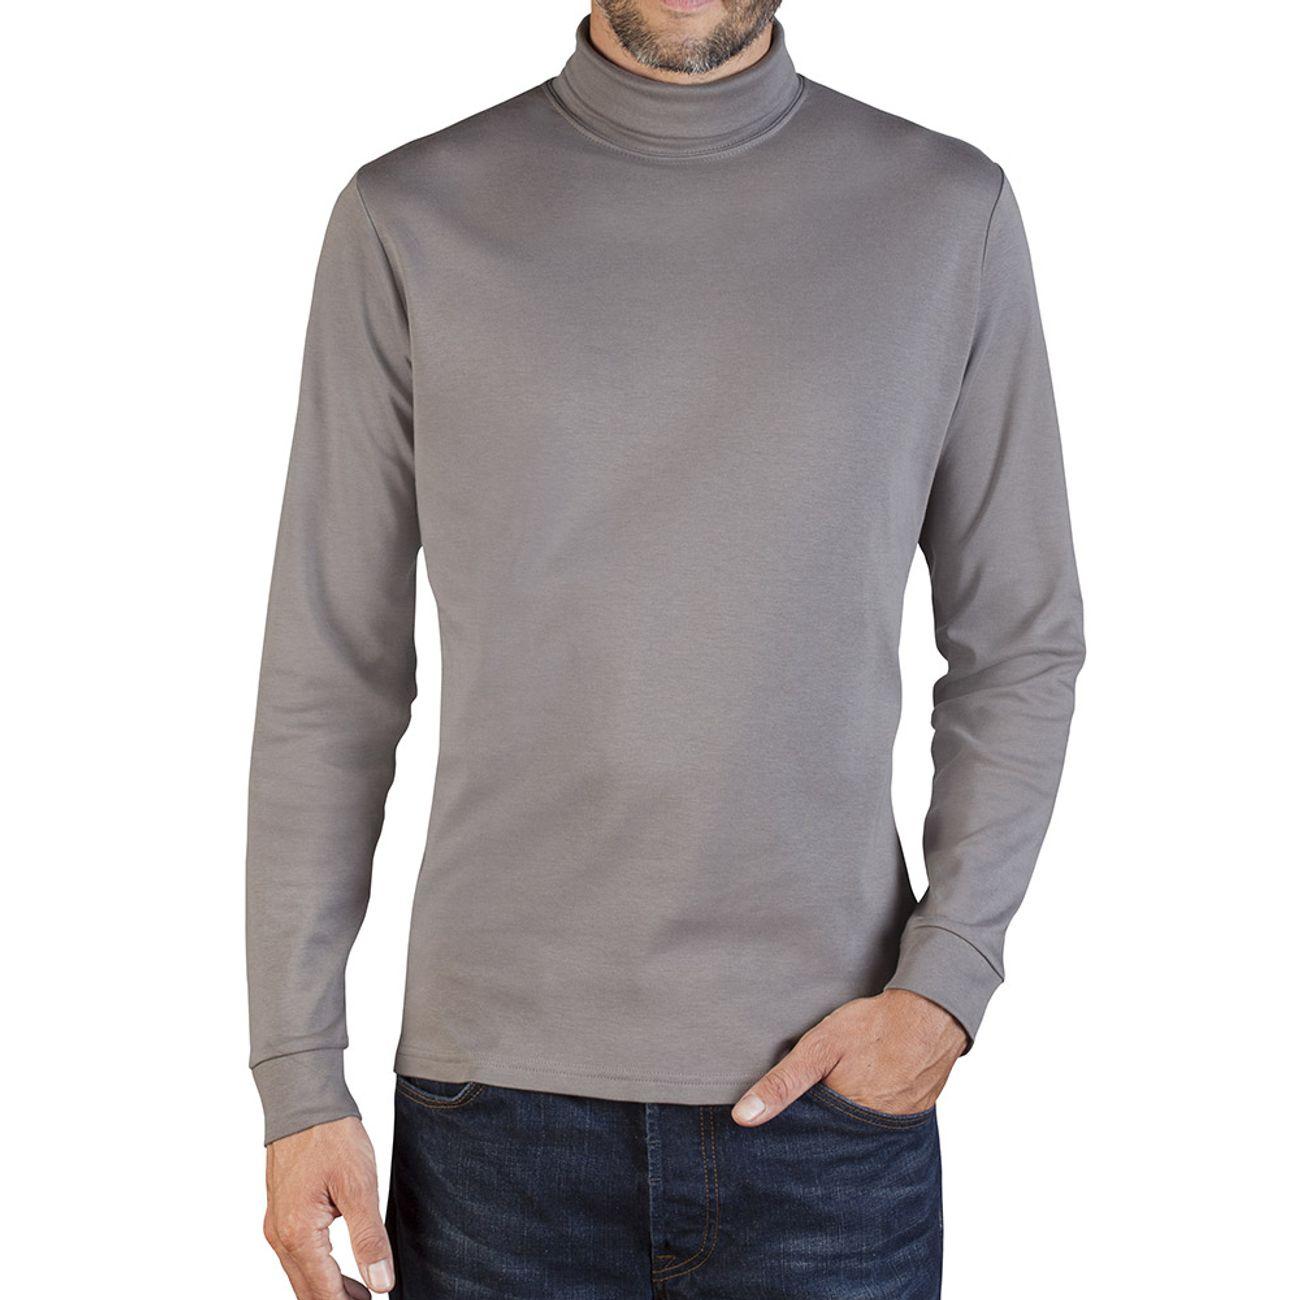 27adb68a6 T-shirt homme ML col roulé – achat et prix pas cher - Go Sport